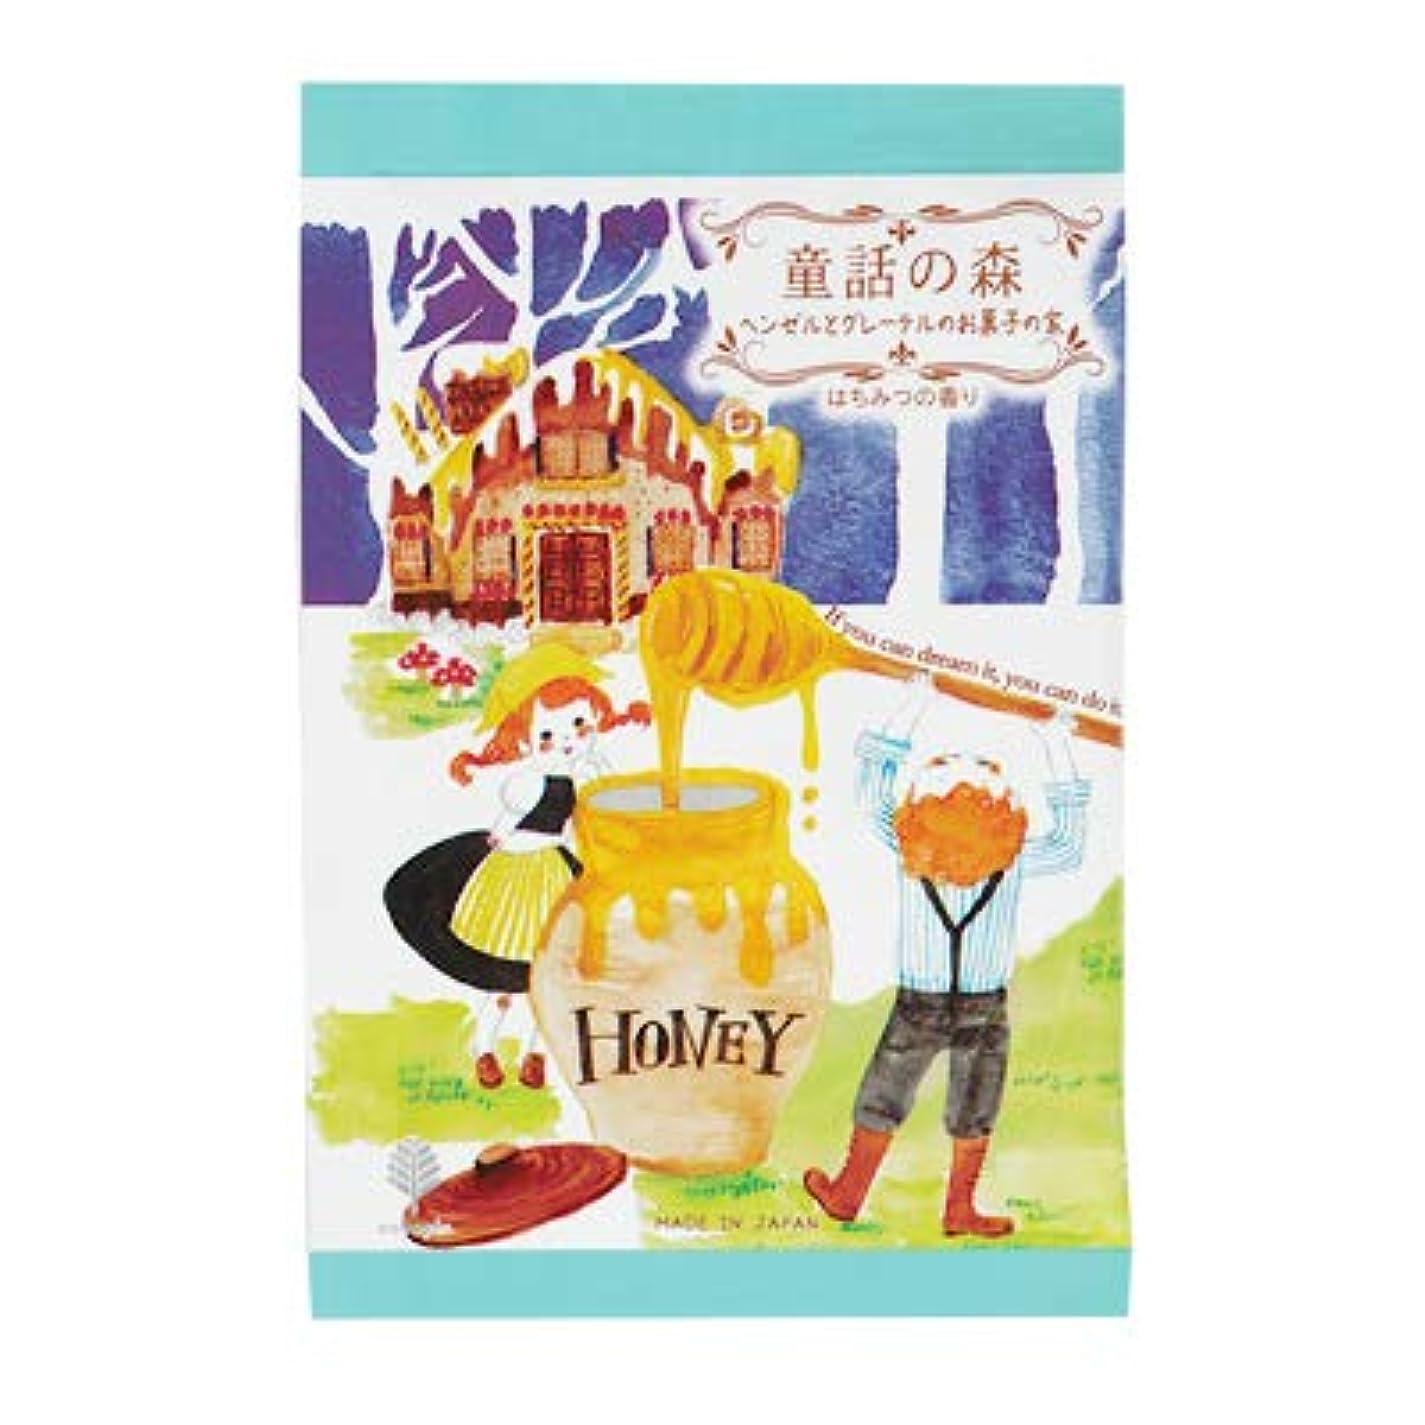 委任する低い恥【まとめ買い3個セット】 童話の森 ヘンゼルとグレーテルのお菓子の家